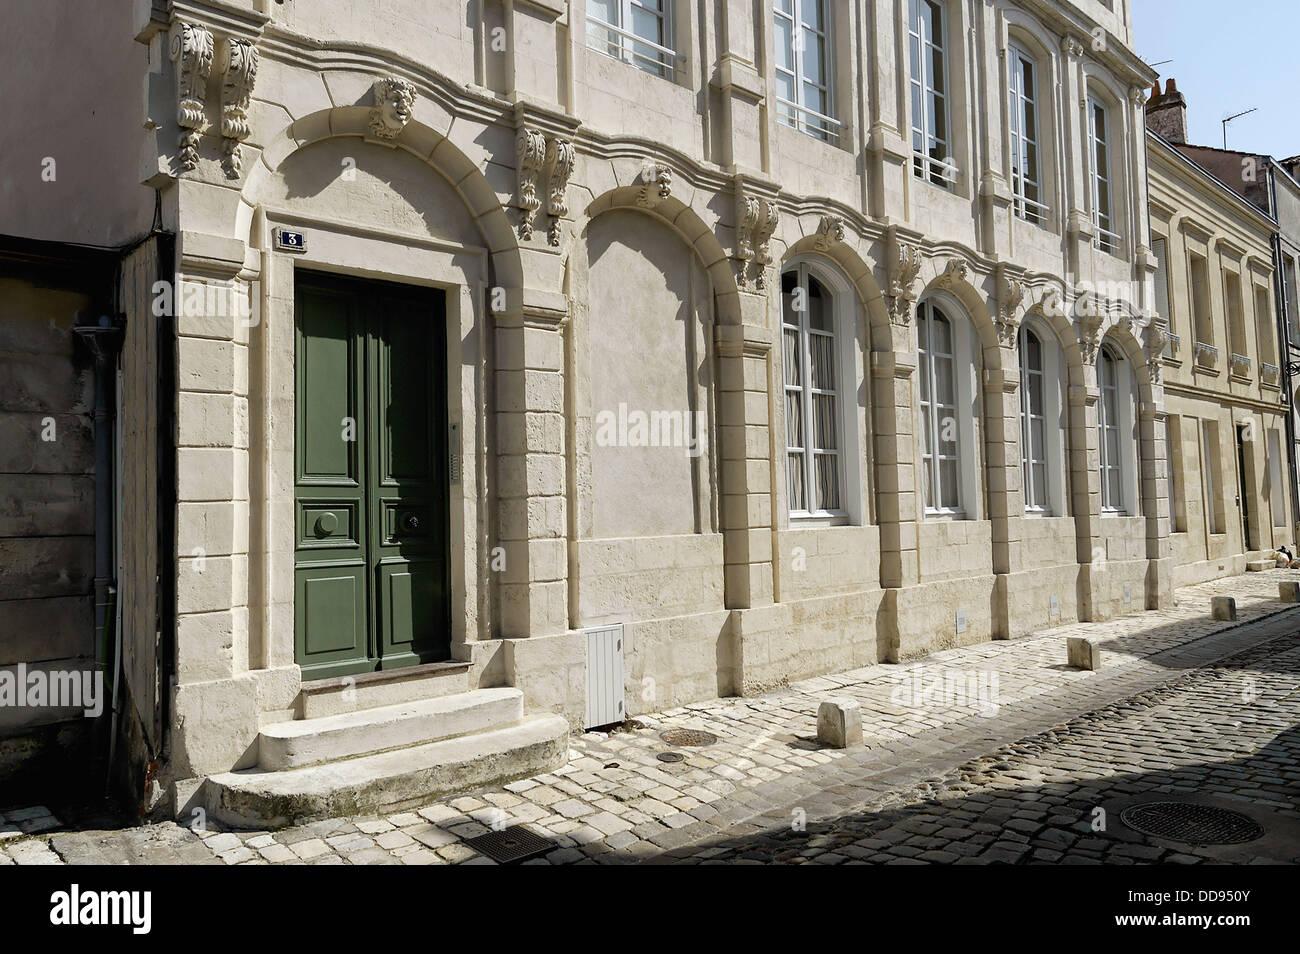 Il soberness e nobiltà del XVIII secolo dagli armatori case. La città di La Rochelle. Porto fortificato Immagini Stock